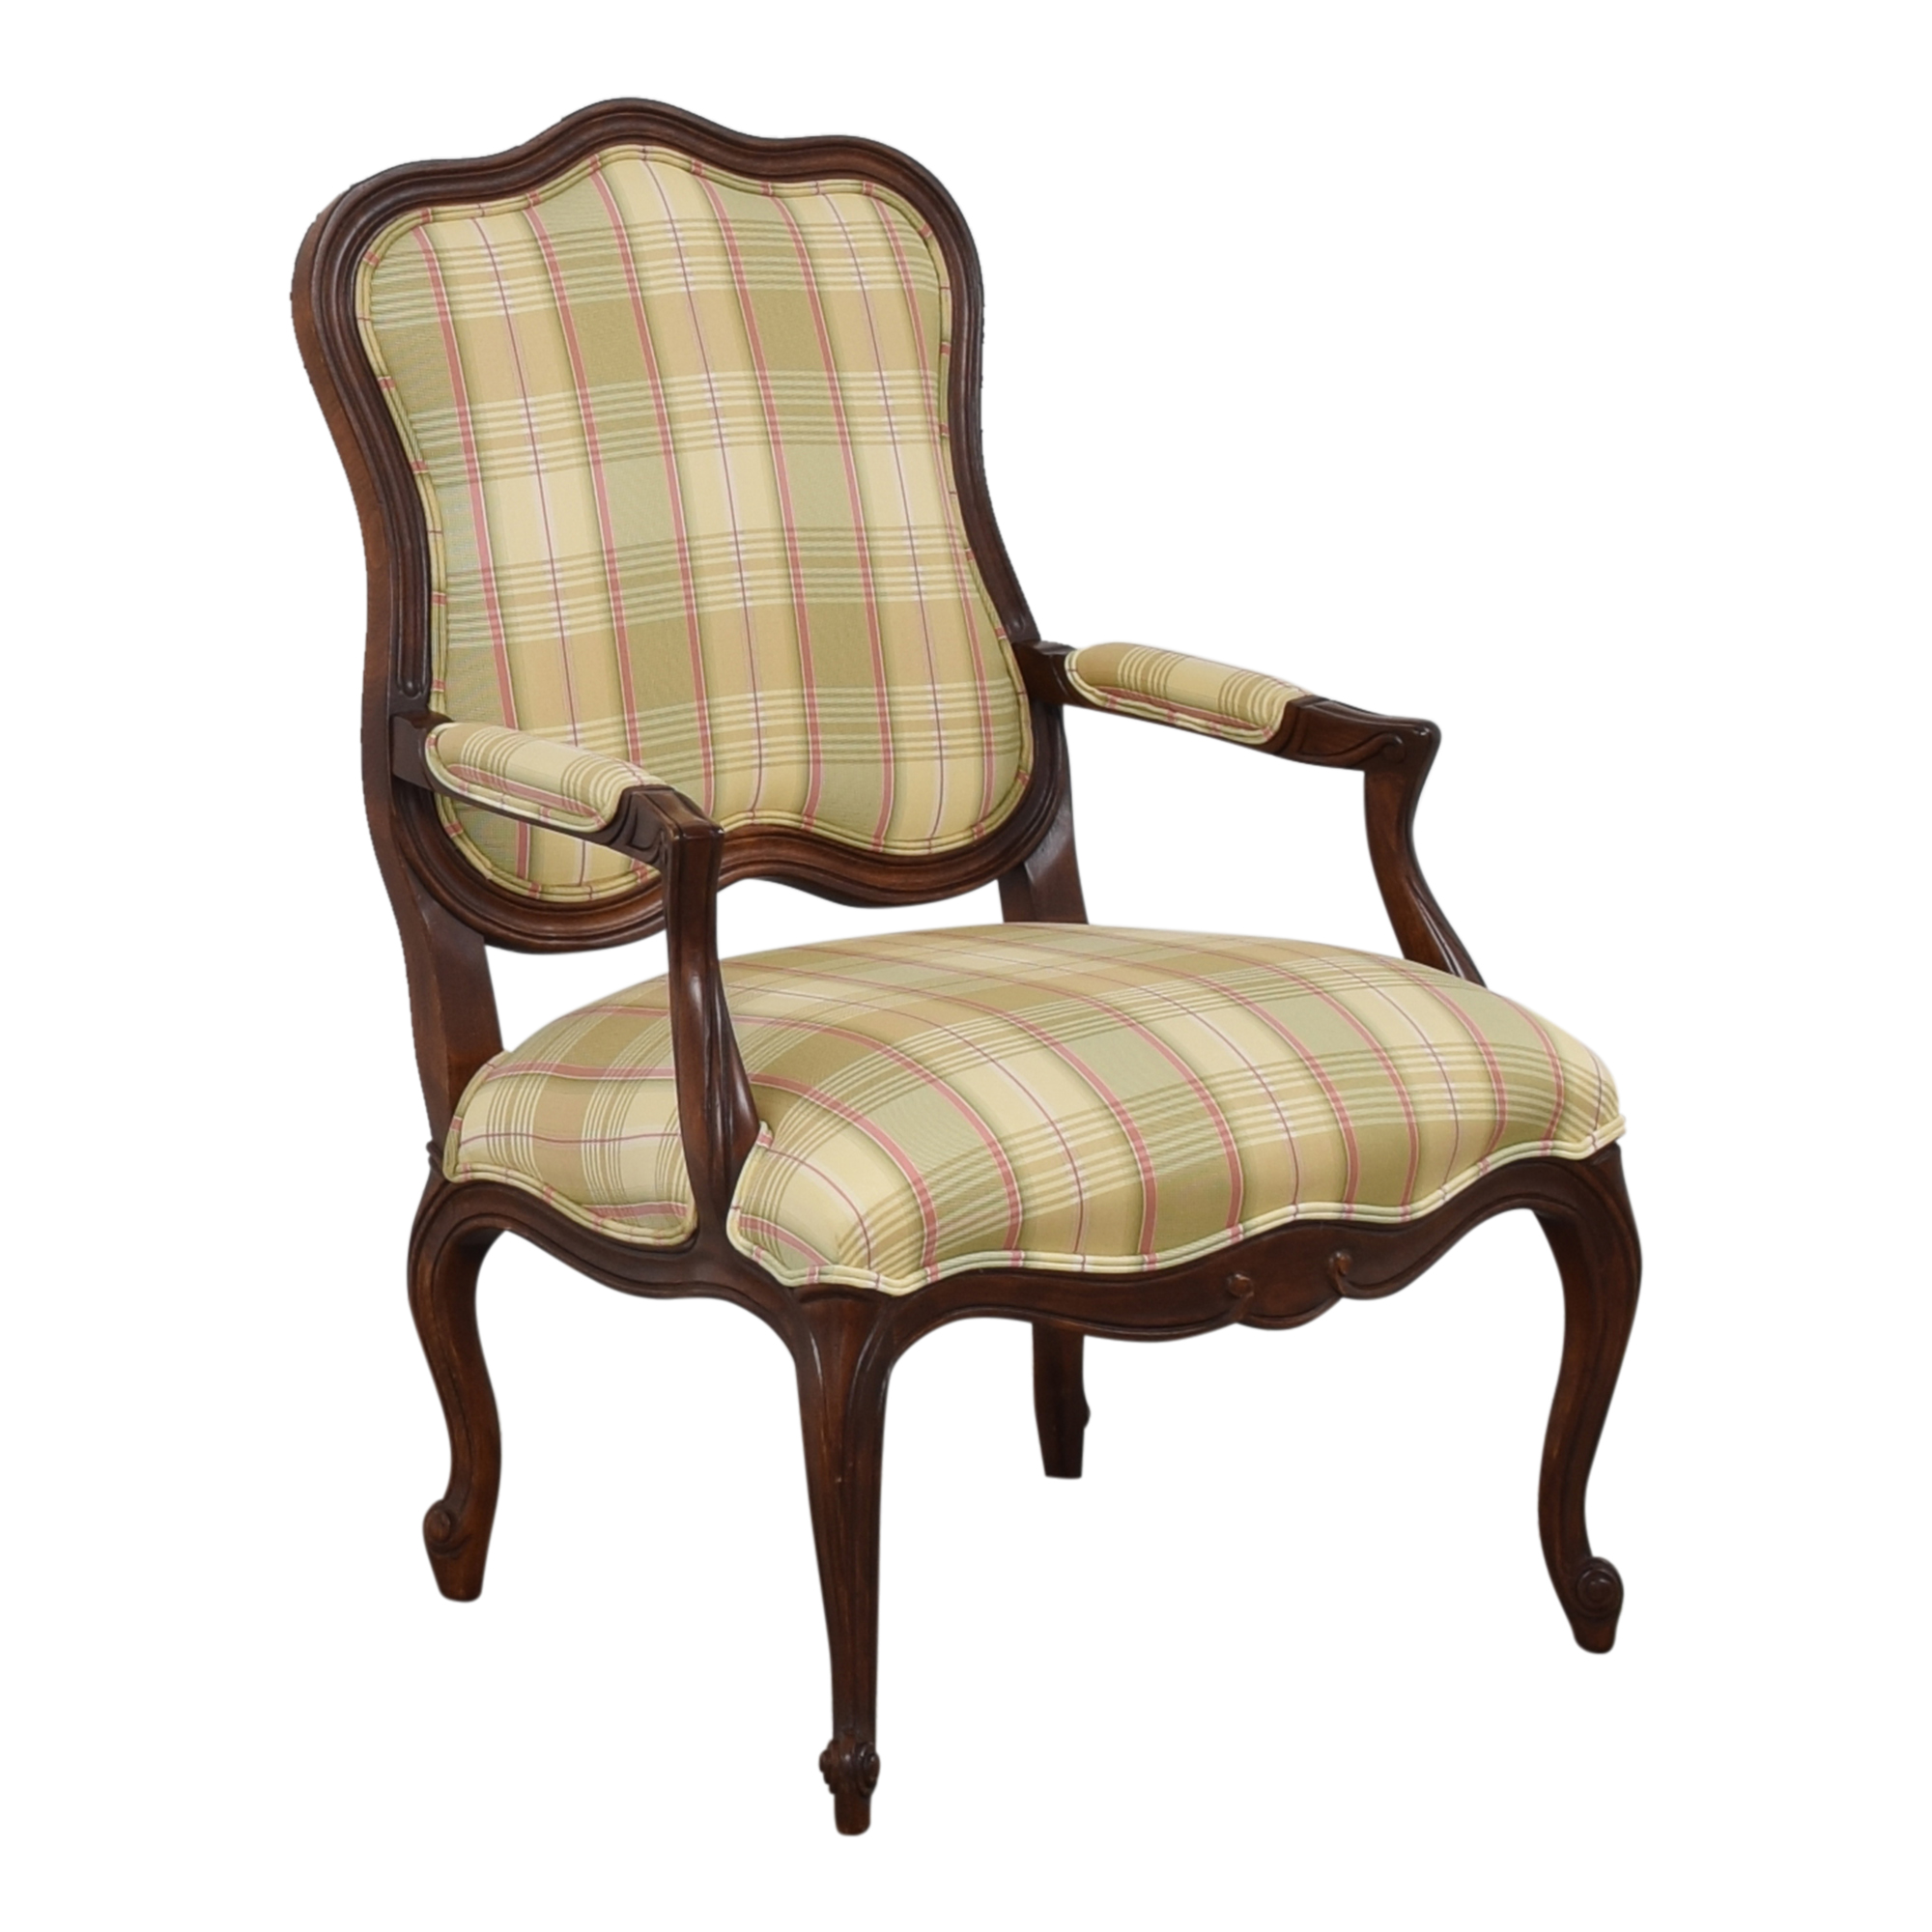 Ethan Allen Ethan Allen Chantel Chair discount